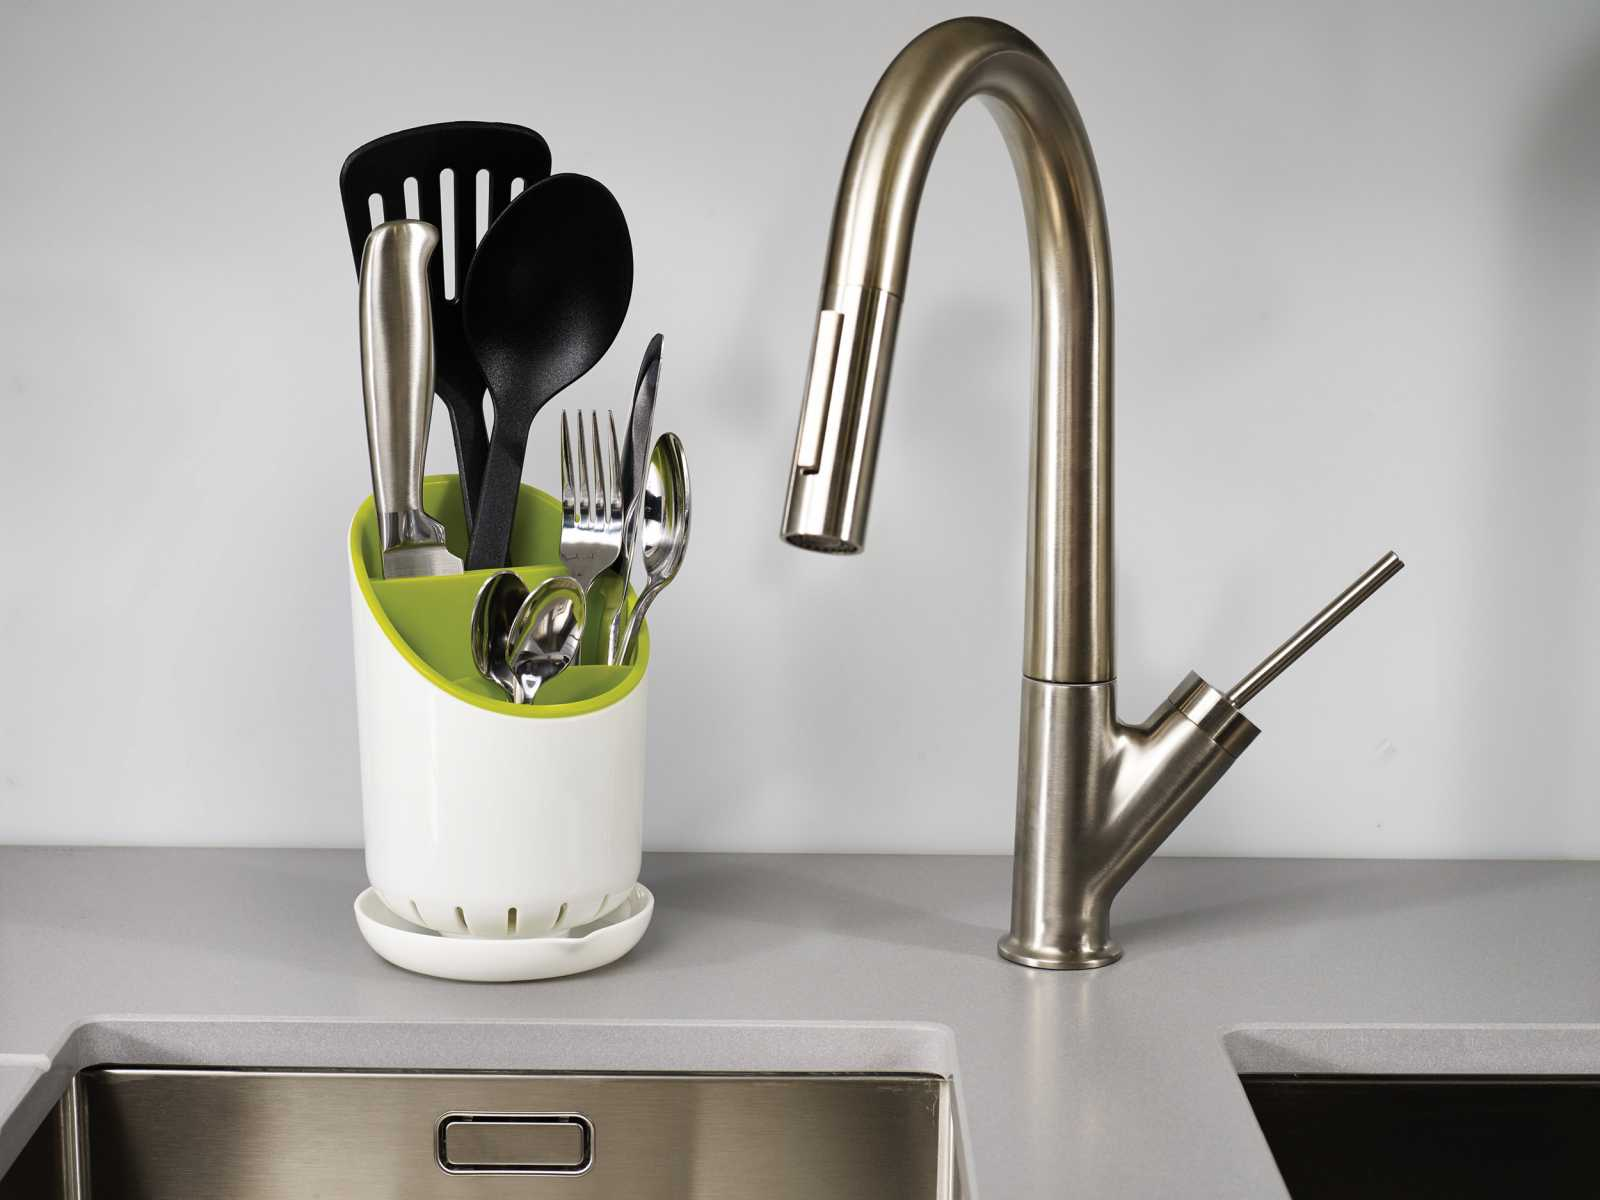 Органайзер для кухонных приборов со сливом Joseph Joseph dock, 12х19х12,7 см, зеленый Joseph Joseph 85074 фото 1